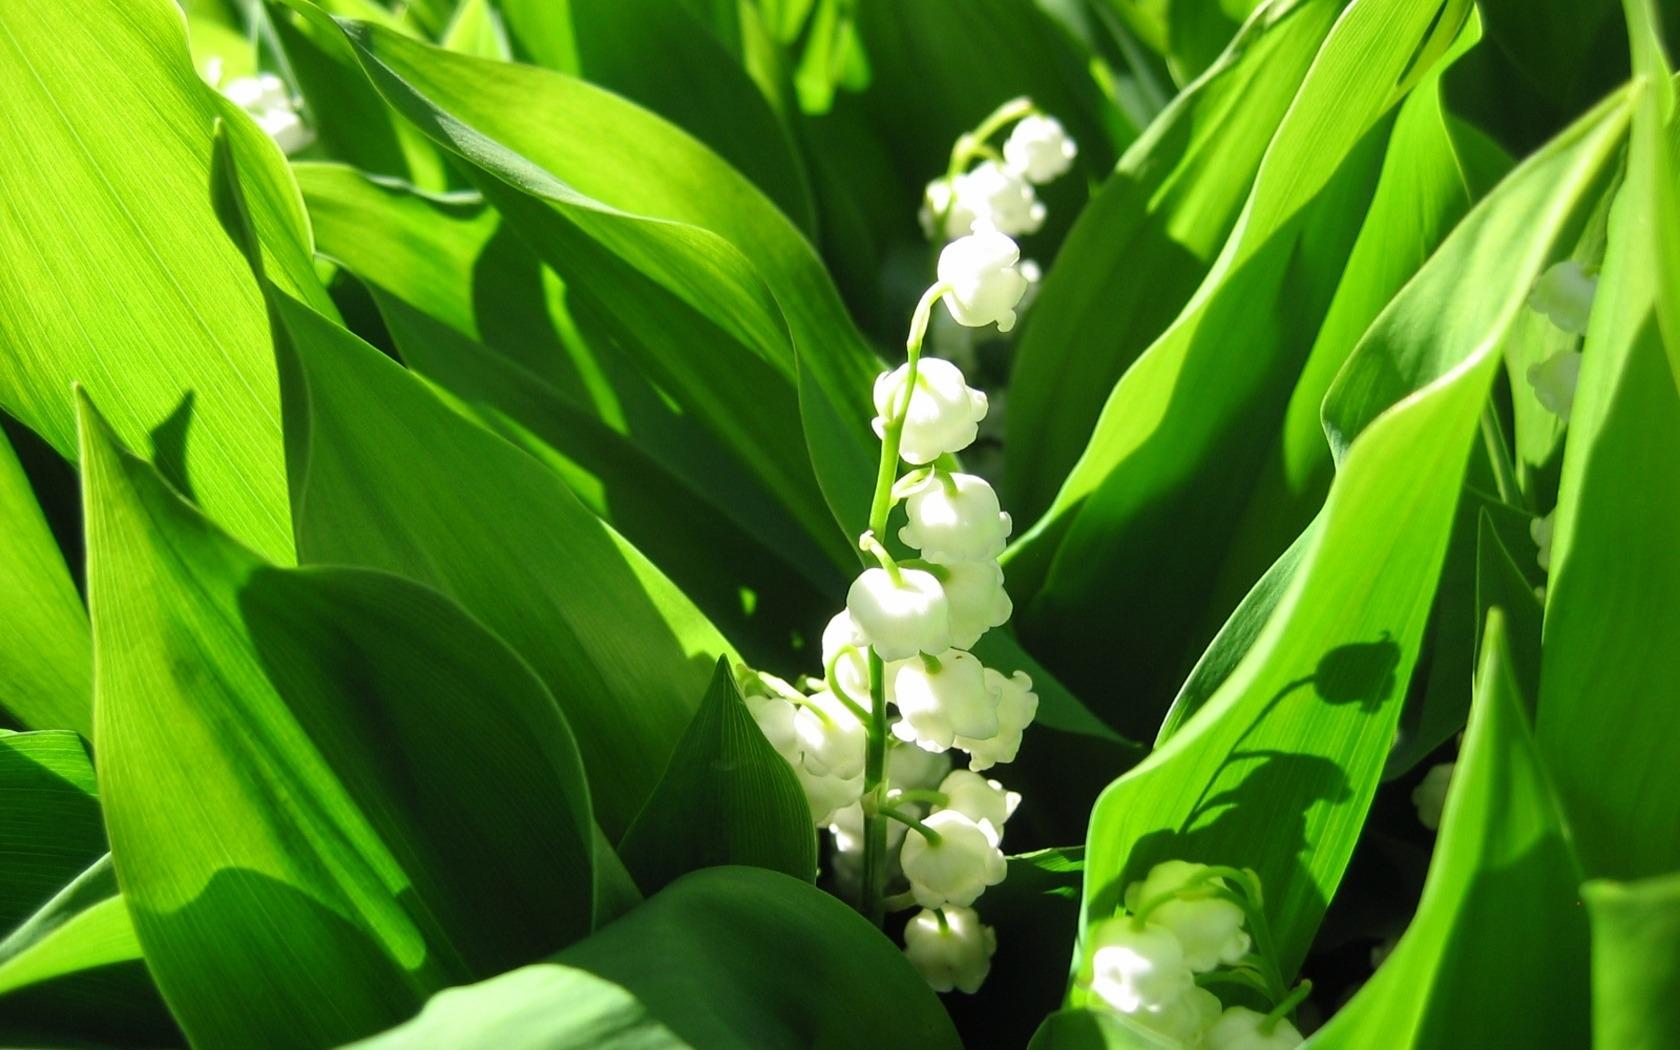 39997 Hintergrundbild herunterladen Pflanzen, Blumen, Maiglöckchen - Bildschirmschoner und Bilder kostenlos